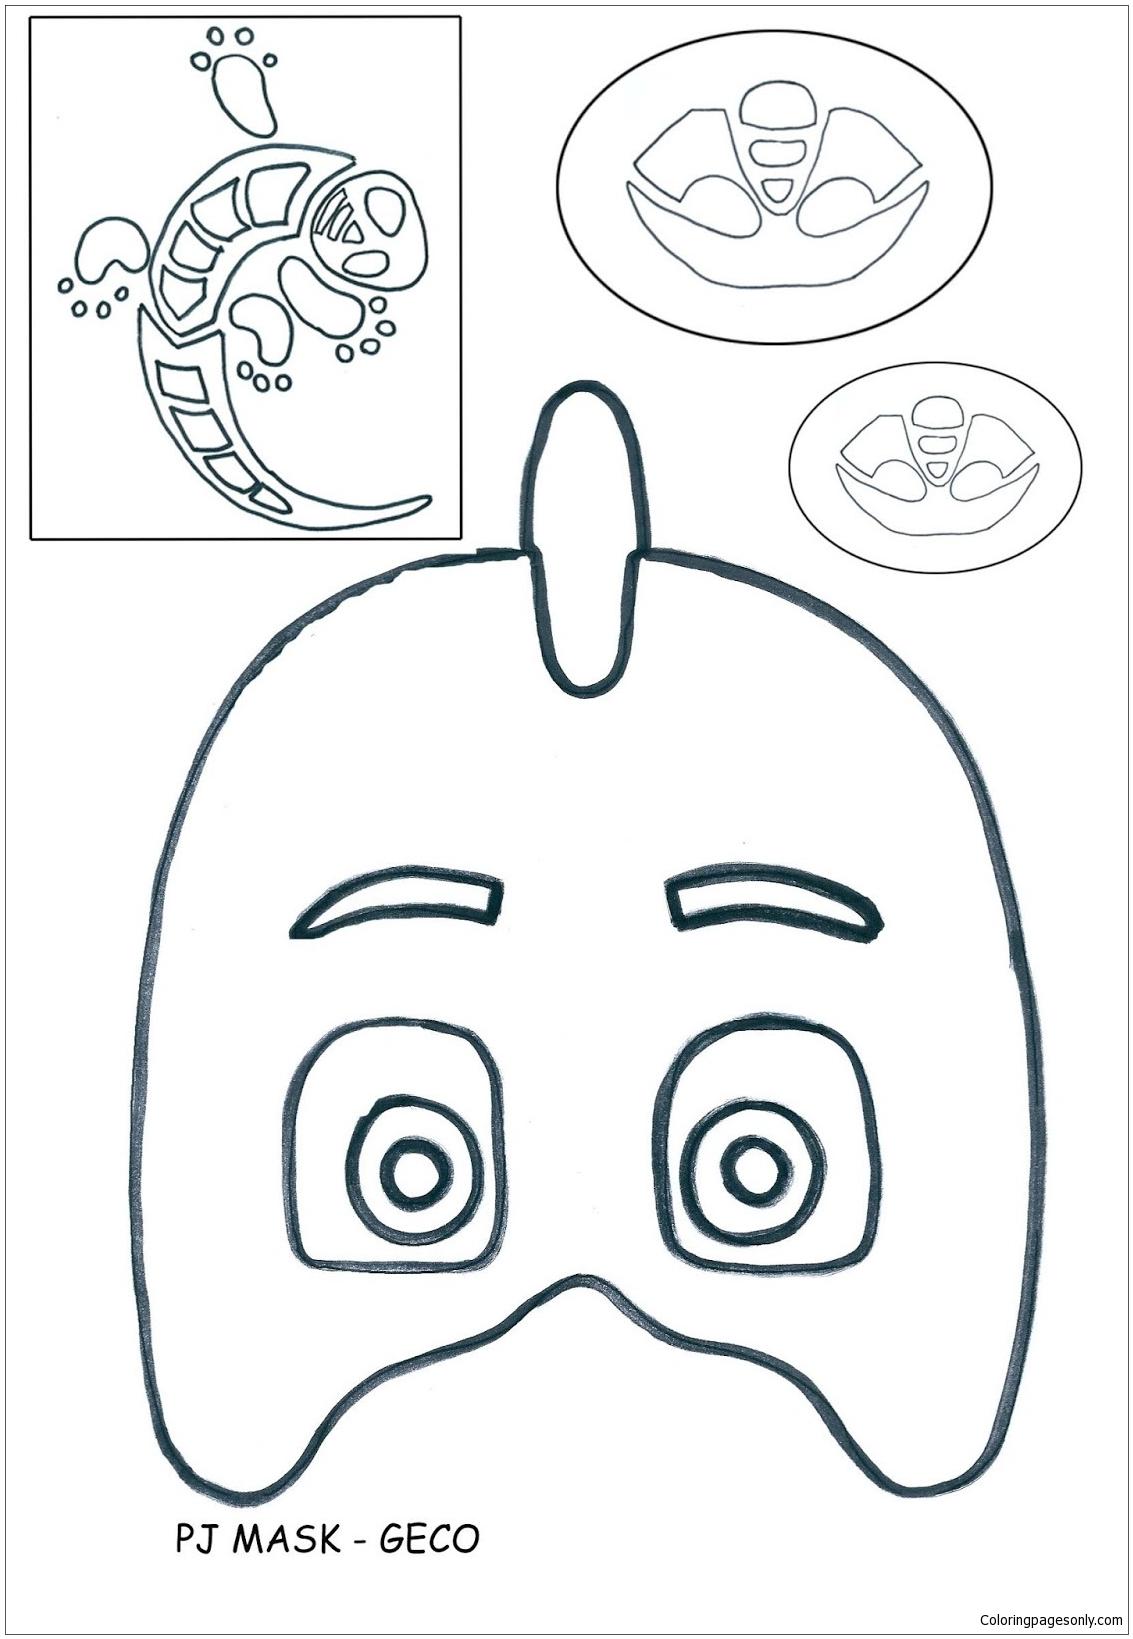 Pj Masks - Geco Coloring Pages - PJ masks Coloring Pages ...